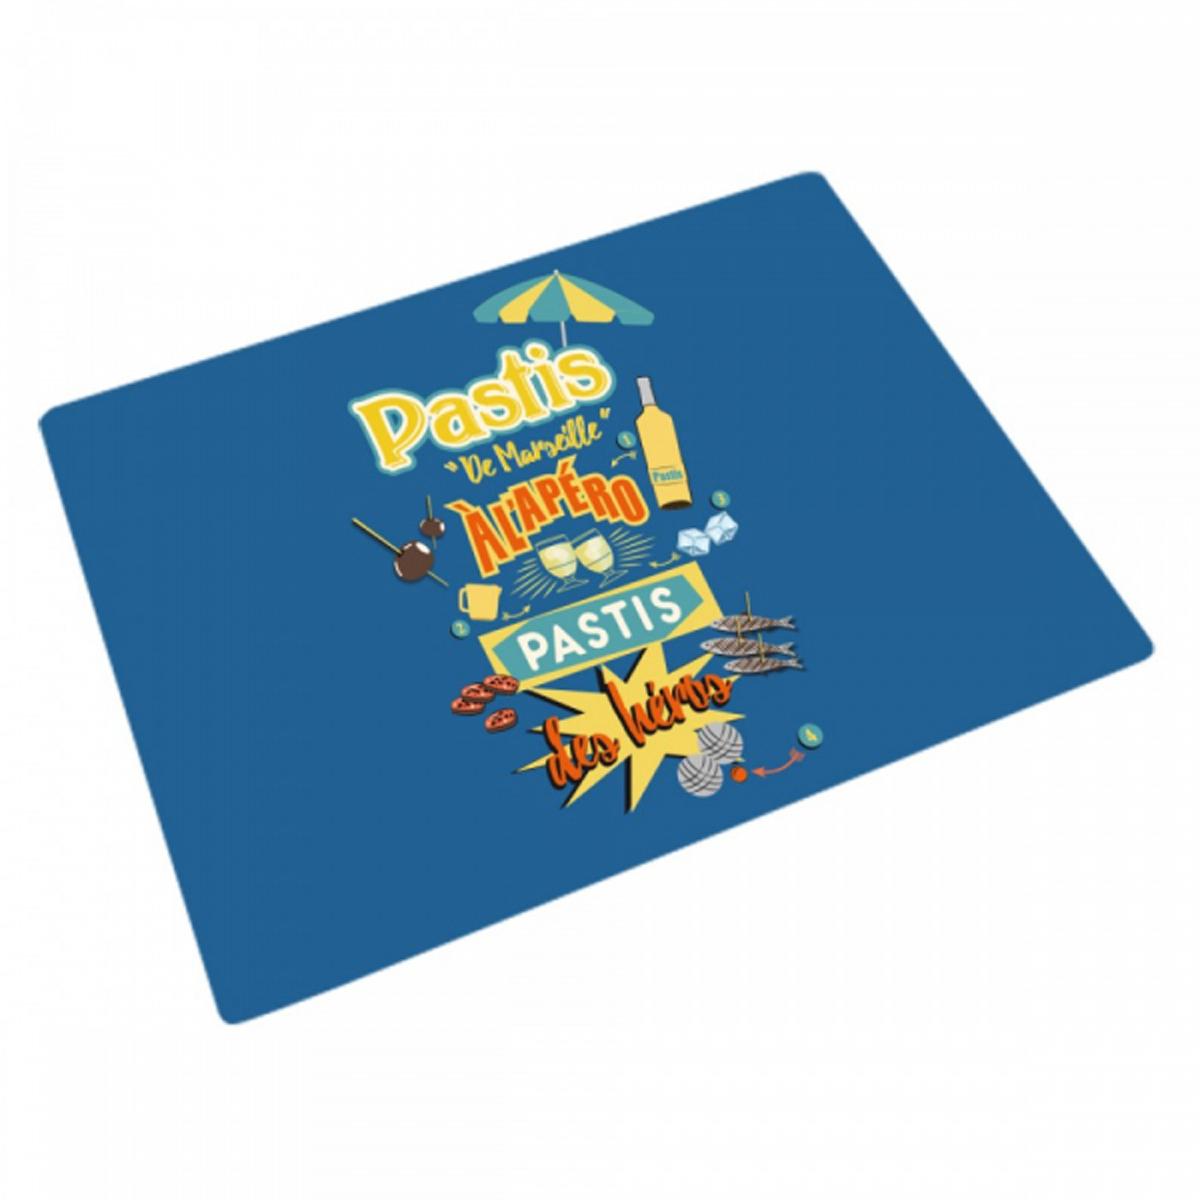 Planche à découpe / dessous de plat verre \'Pastis\' bleu (Pastis de Marseille, pastis des héros) - 30x20 cm - [R1951]